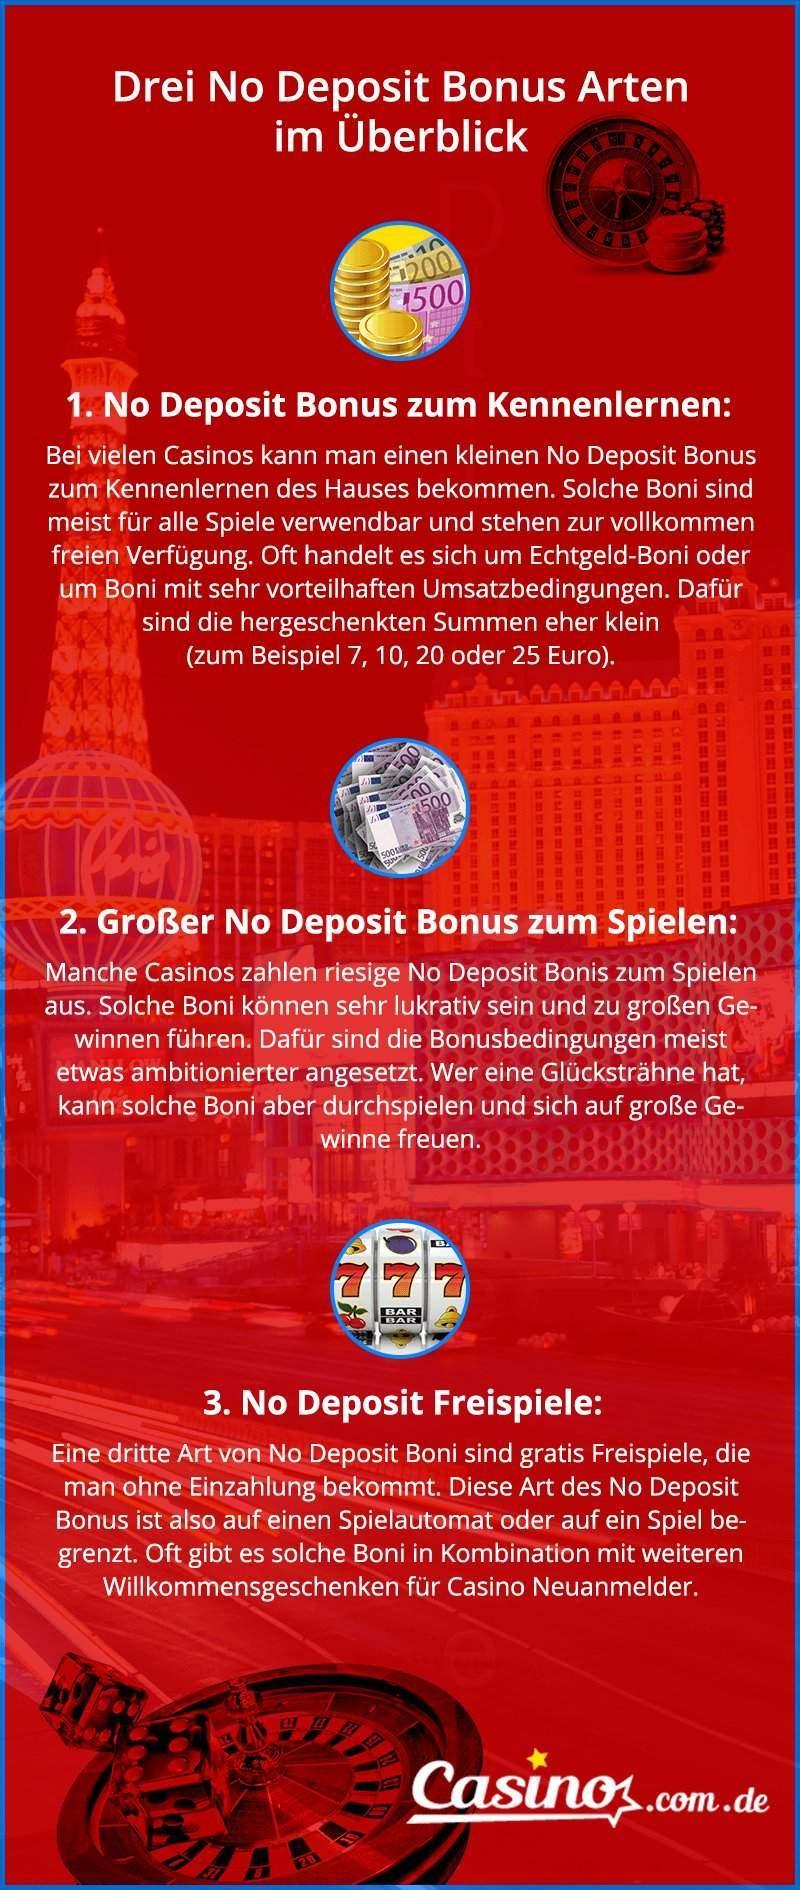 Der beste Online Casino Bonus ohne Einzahlung